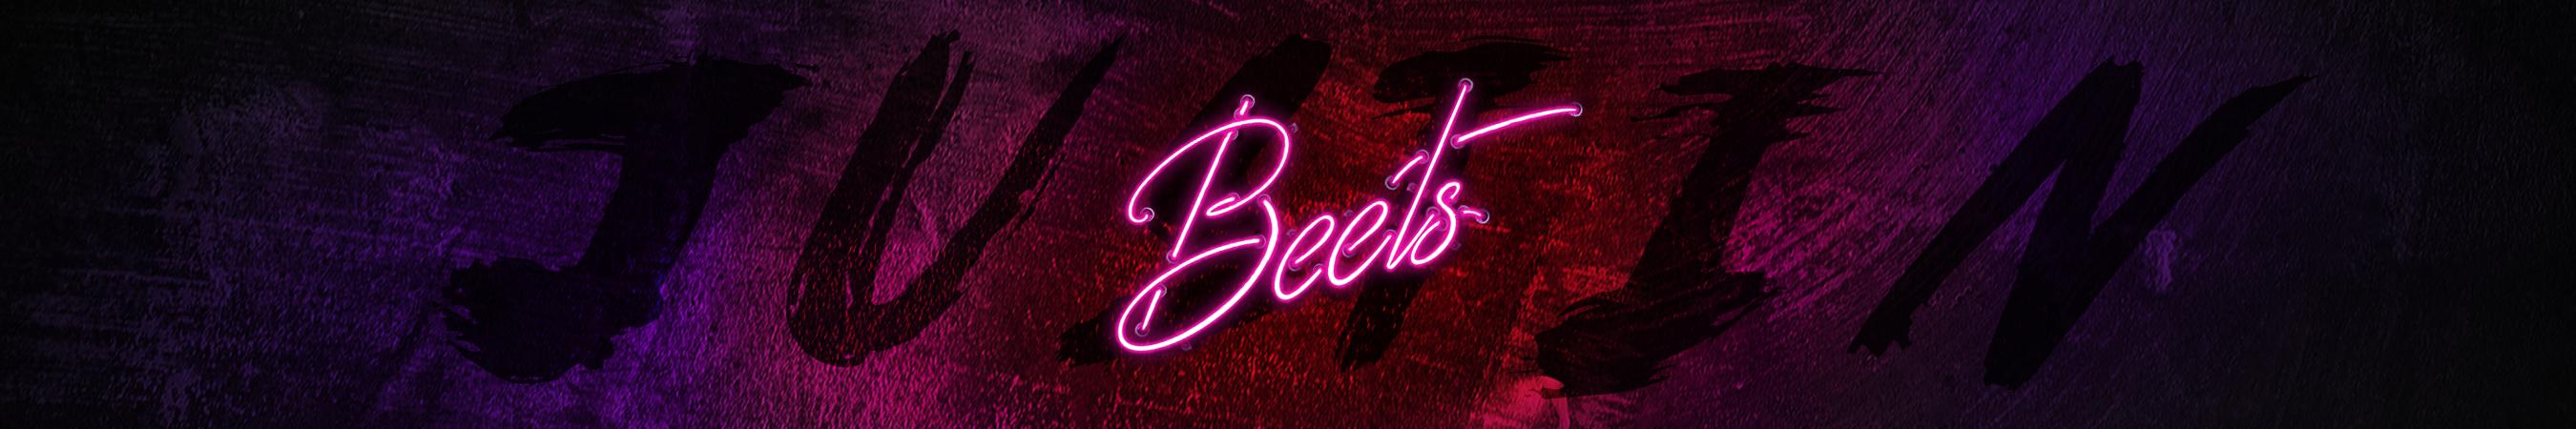 Justin Beets - Header